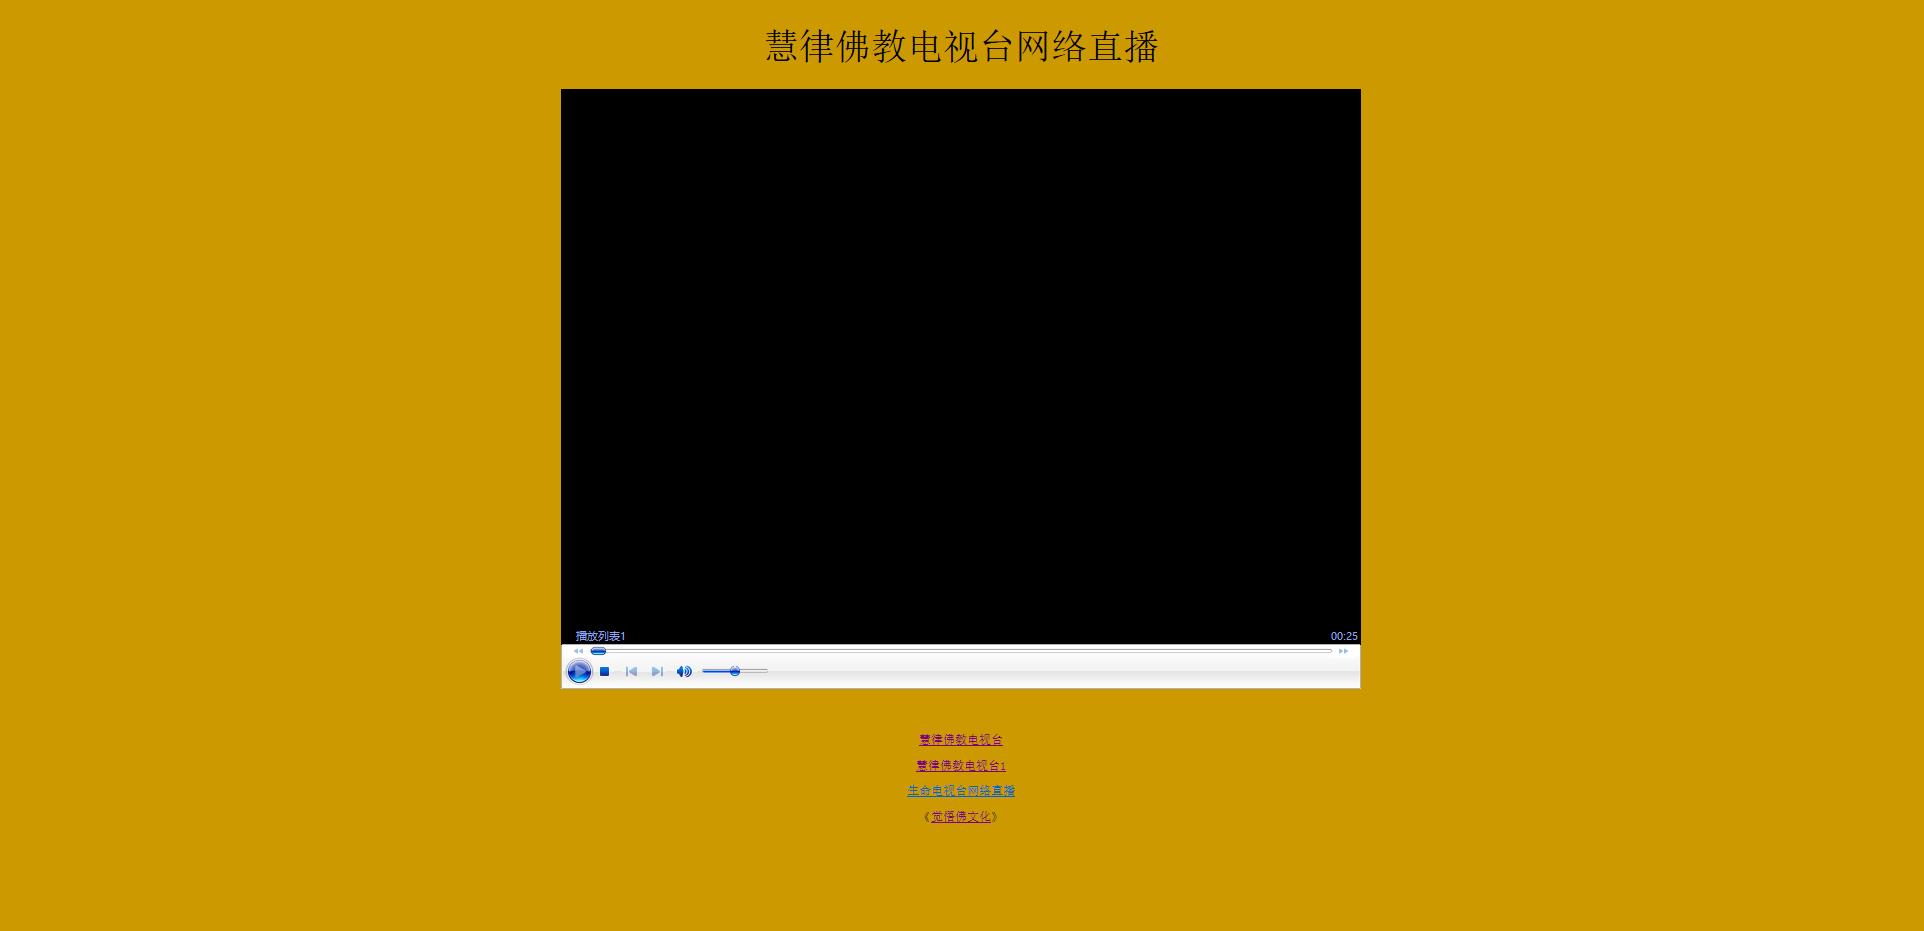 慧律佛教电视台网络直播_觉悟文化.png